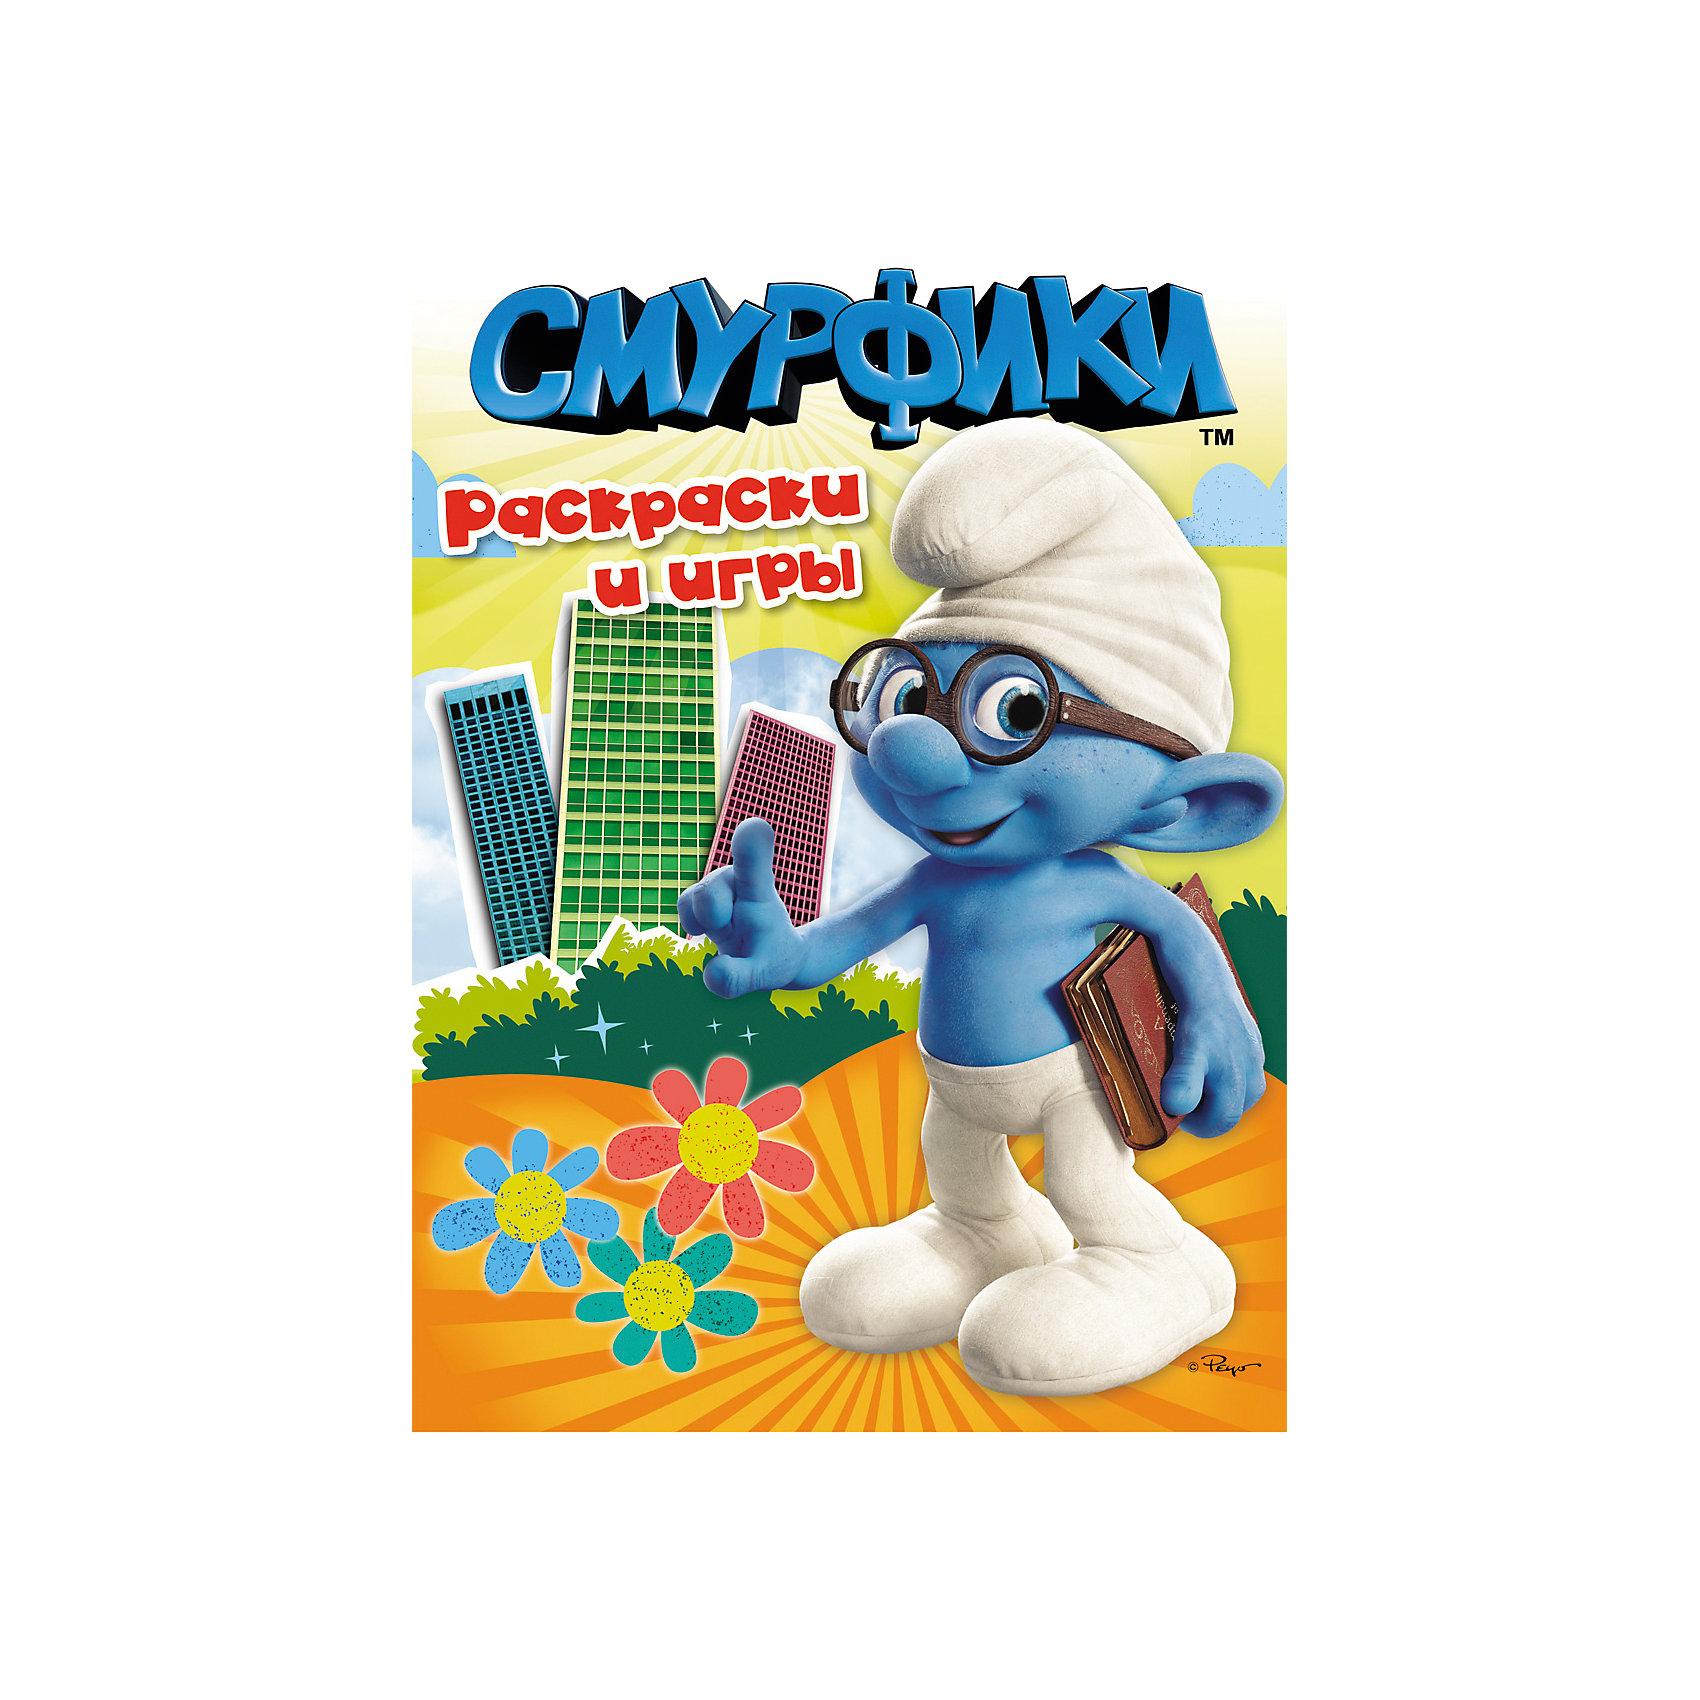 Раскраски и игры, СмурфикиРаскраски и игры, Смурфики<br><br>Характеристики:<br>- В набор входит: альбом для раскрашивания и игр<br>- количество страниц: 16<br>- формат: 24 * 0,3 * 32 см.<br>- Тип обложки: мягкая<br>- вес: 102 гр.<br>Раскраски и игры с героями известного мультфильма синими смурфиками сделают рисование еще веселее. Каждая страничка раскраски имеет свою историю, которая произошла в городе Смурфидол. Сборник включает интересные задания, увлекательные головоломки, игры и, конечно же, раскраски. Работая с раскрасками и головоломками ребенок развивает мелкую моторику, усидчивость, логическое мышление, чувство цвета, развивает творческие способности. Также доказано положительное влияние раскрасок на психологическое развитие. Кроме всех полезных свойств раскрасок и заданий этот сборник еще и отличное времяпровождение в компании с любимыми героями и воображением. <br>Раскраски и игры, Смурфики можно купить в нашем интернет-магазине.<br>Подробнее:<br>• ISBN: 9785353054771<br>• Для детей в возрасте: от 3 до 7 лет<br>• Номер товара: 5109583<br>Страна производитель: Российская Федерация<br><br>Ширина мм: 320<br>Глубина мм: 240<br>Высота мм: 3<br>Вес г: 102<br>Возраст от месяцев: 36<br>Возраст до месяцев: 72<br>Пол: Унисекс<br>Возраст: Детский<br>SKU: 5109583